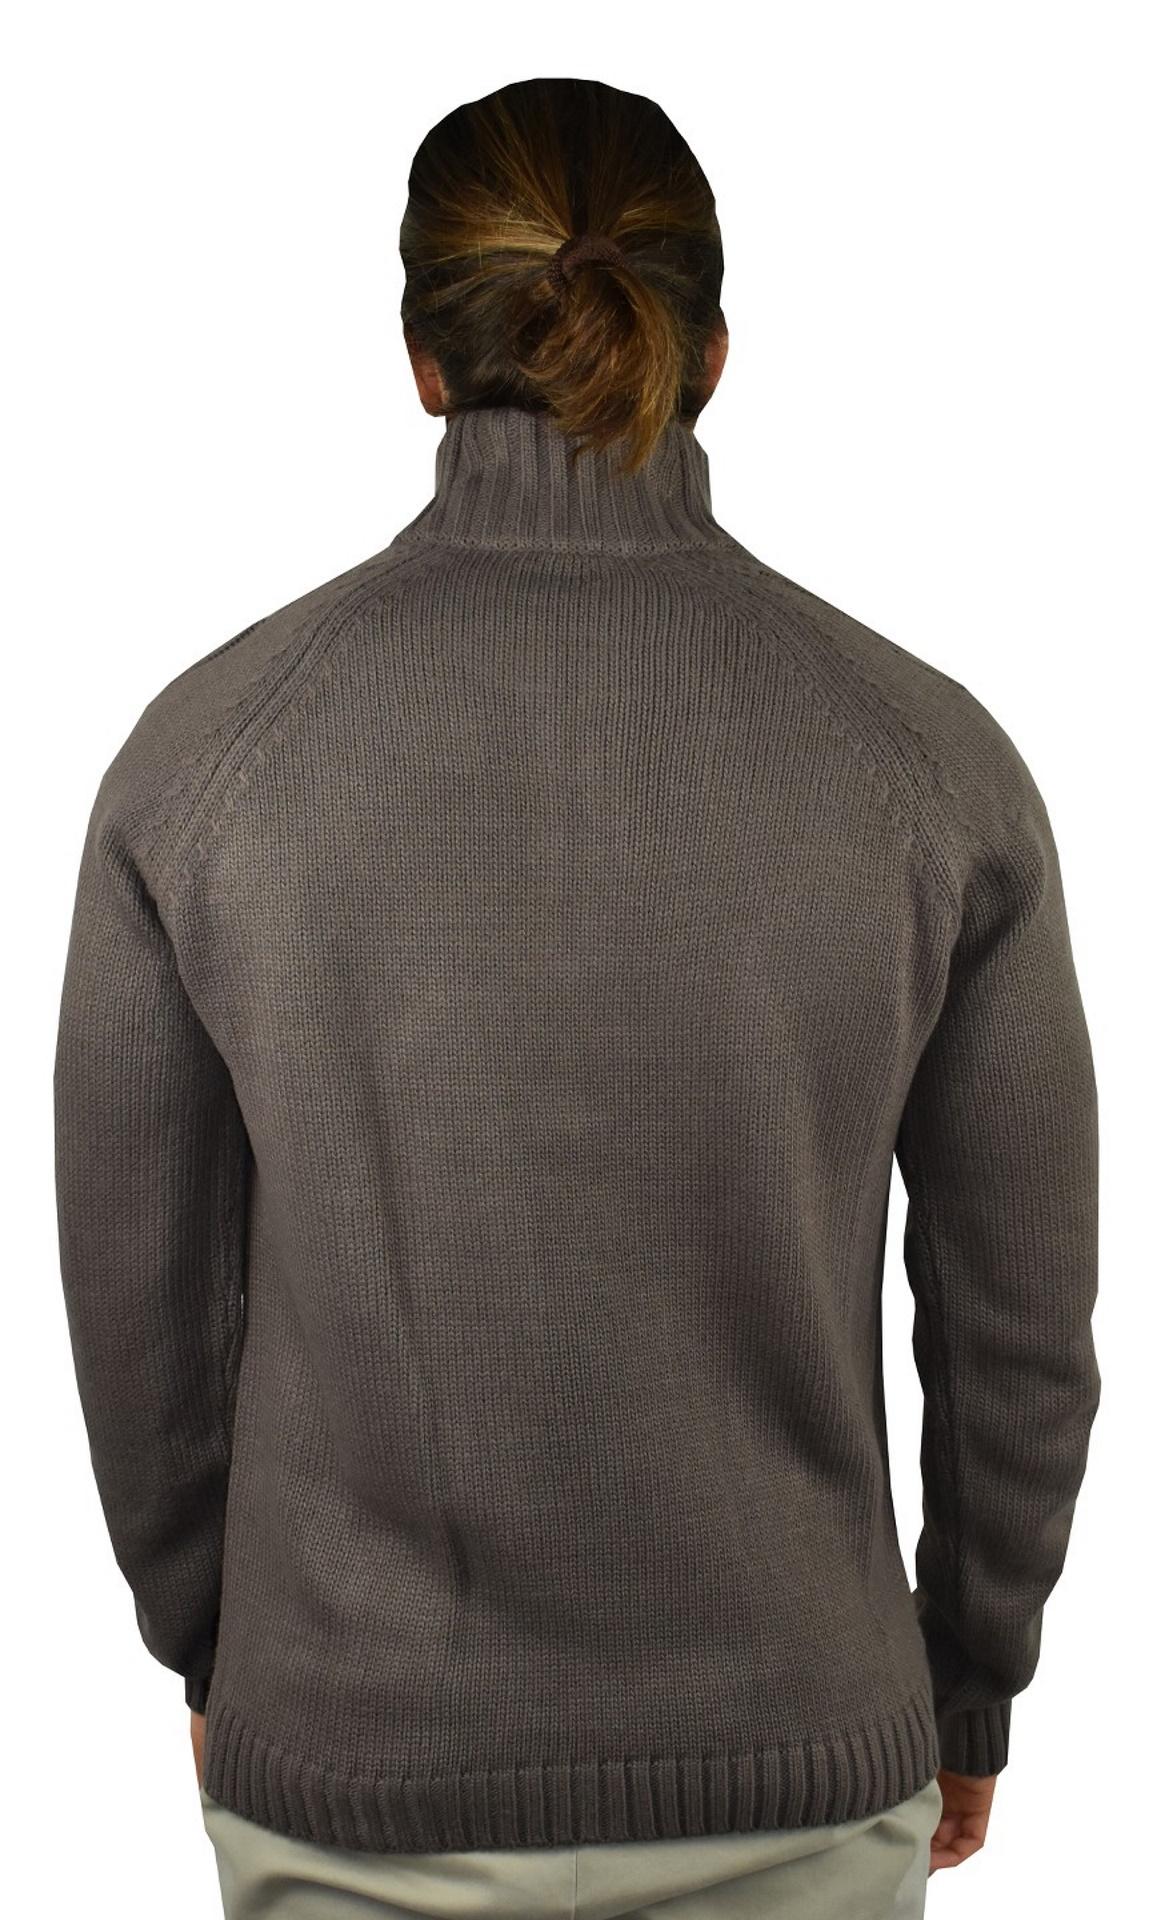 LUPINEMA CASTORO MAGLIA UOMO MEZZA ZIP MANICA LUNGA LAVORAZIONE TRECCE 1 1stAmerican maglione invernale da uomo mezza zip manica lunga lavorazione trecce